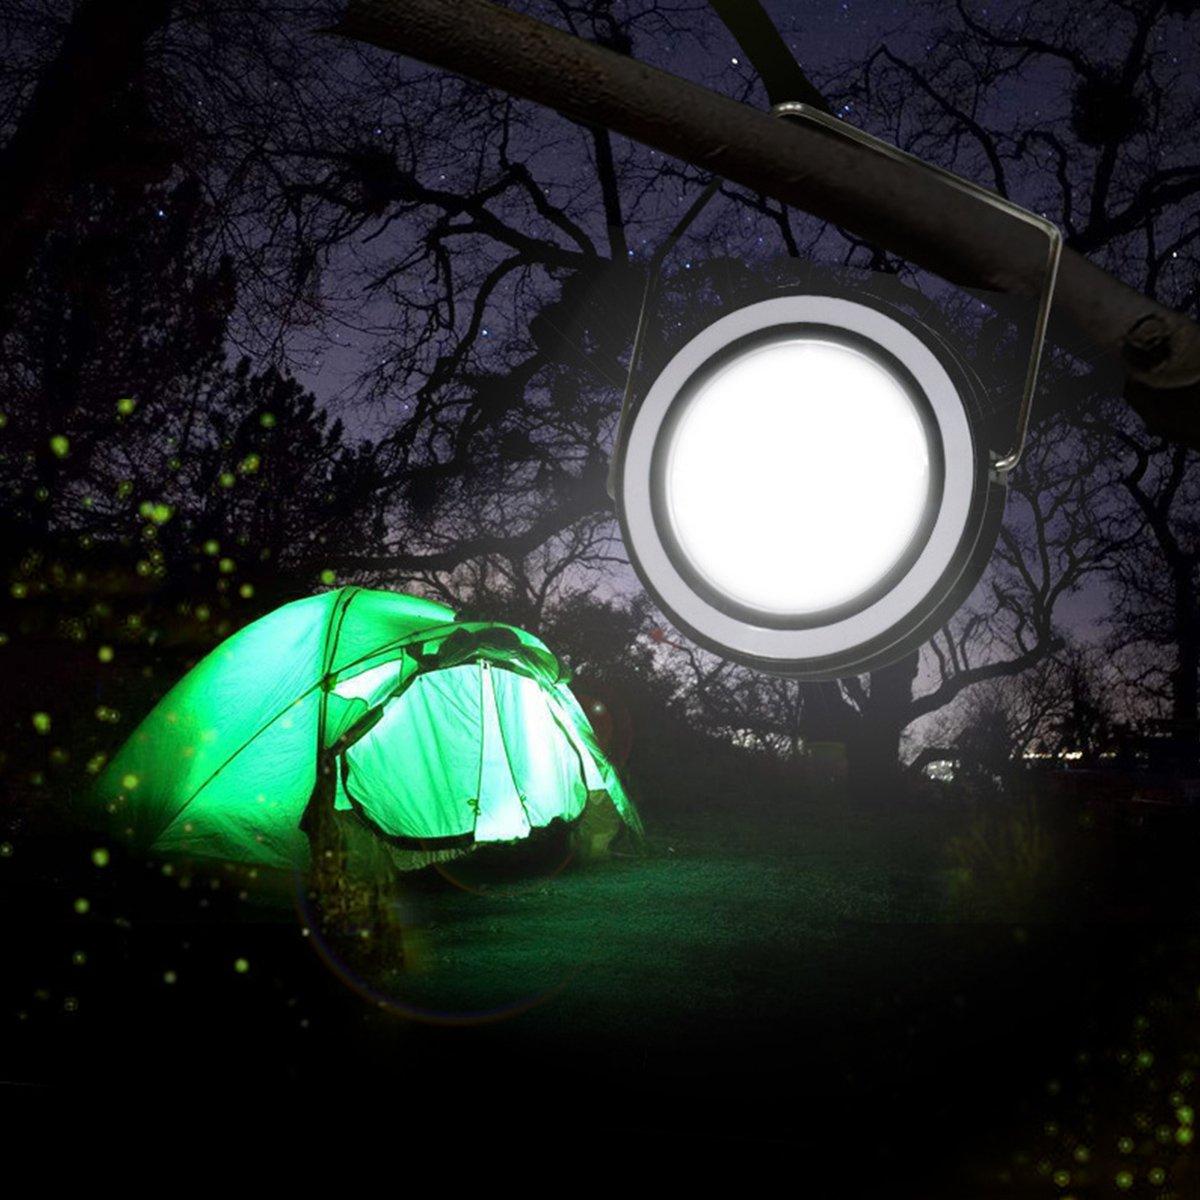 LegendTech L/ámpara Camping LED Farol de Camping LED USB Recargable Cargador Mechero Linterna Luz de Tienda de Campa/ña Emergencia Pesca Senderismo Luces de Camping Port/átiles LED Linterna de Camping